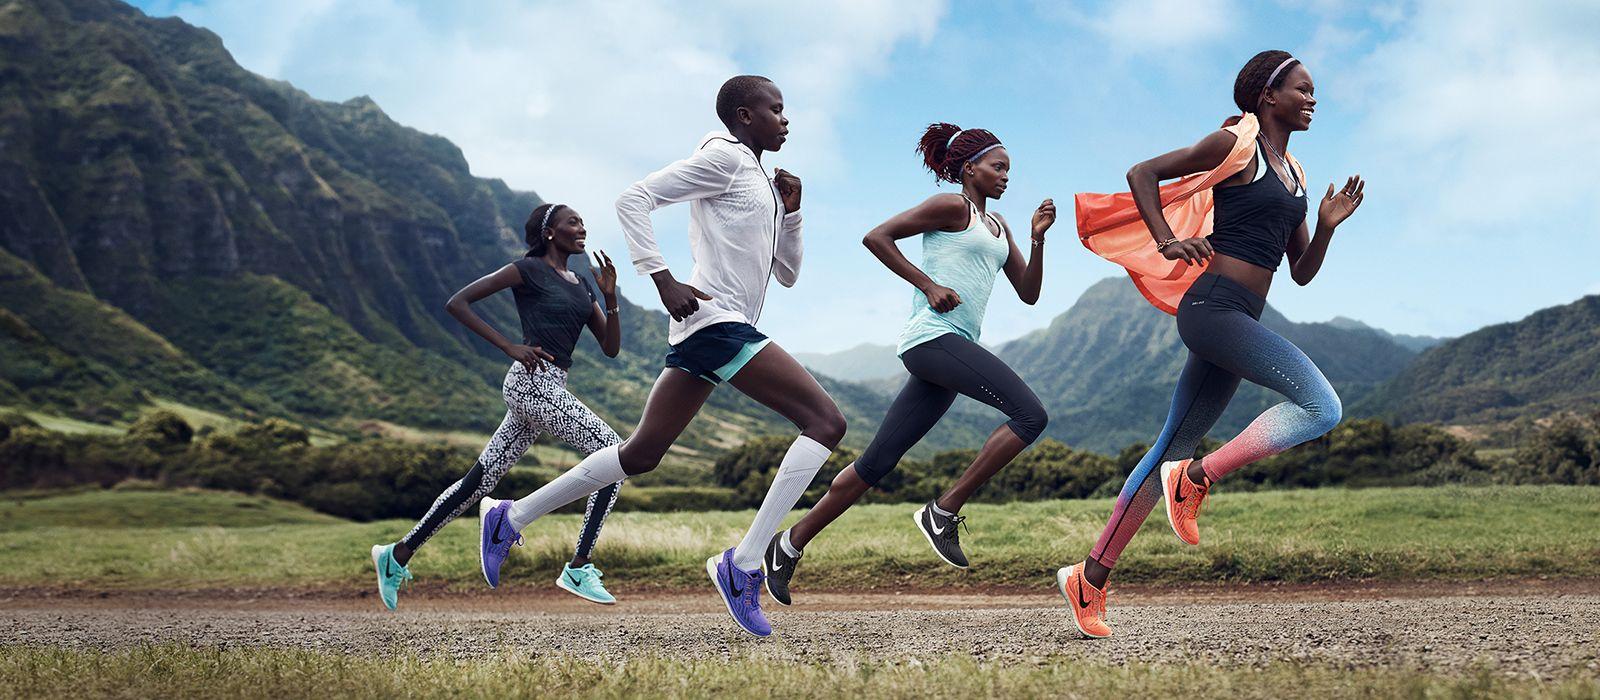 nike odziez i obuwie do biegania